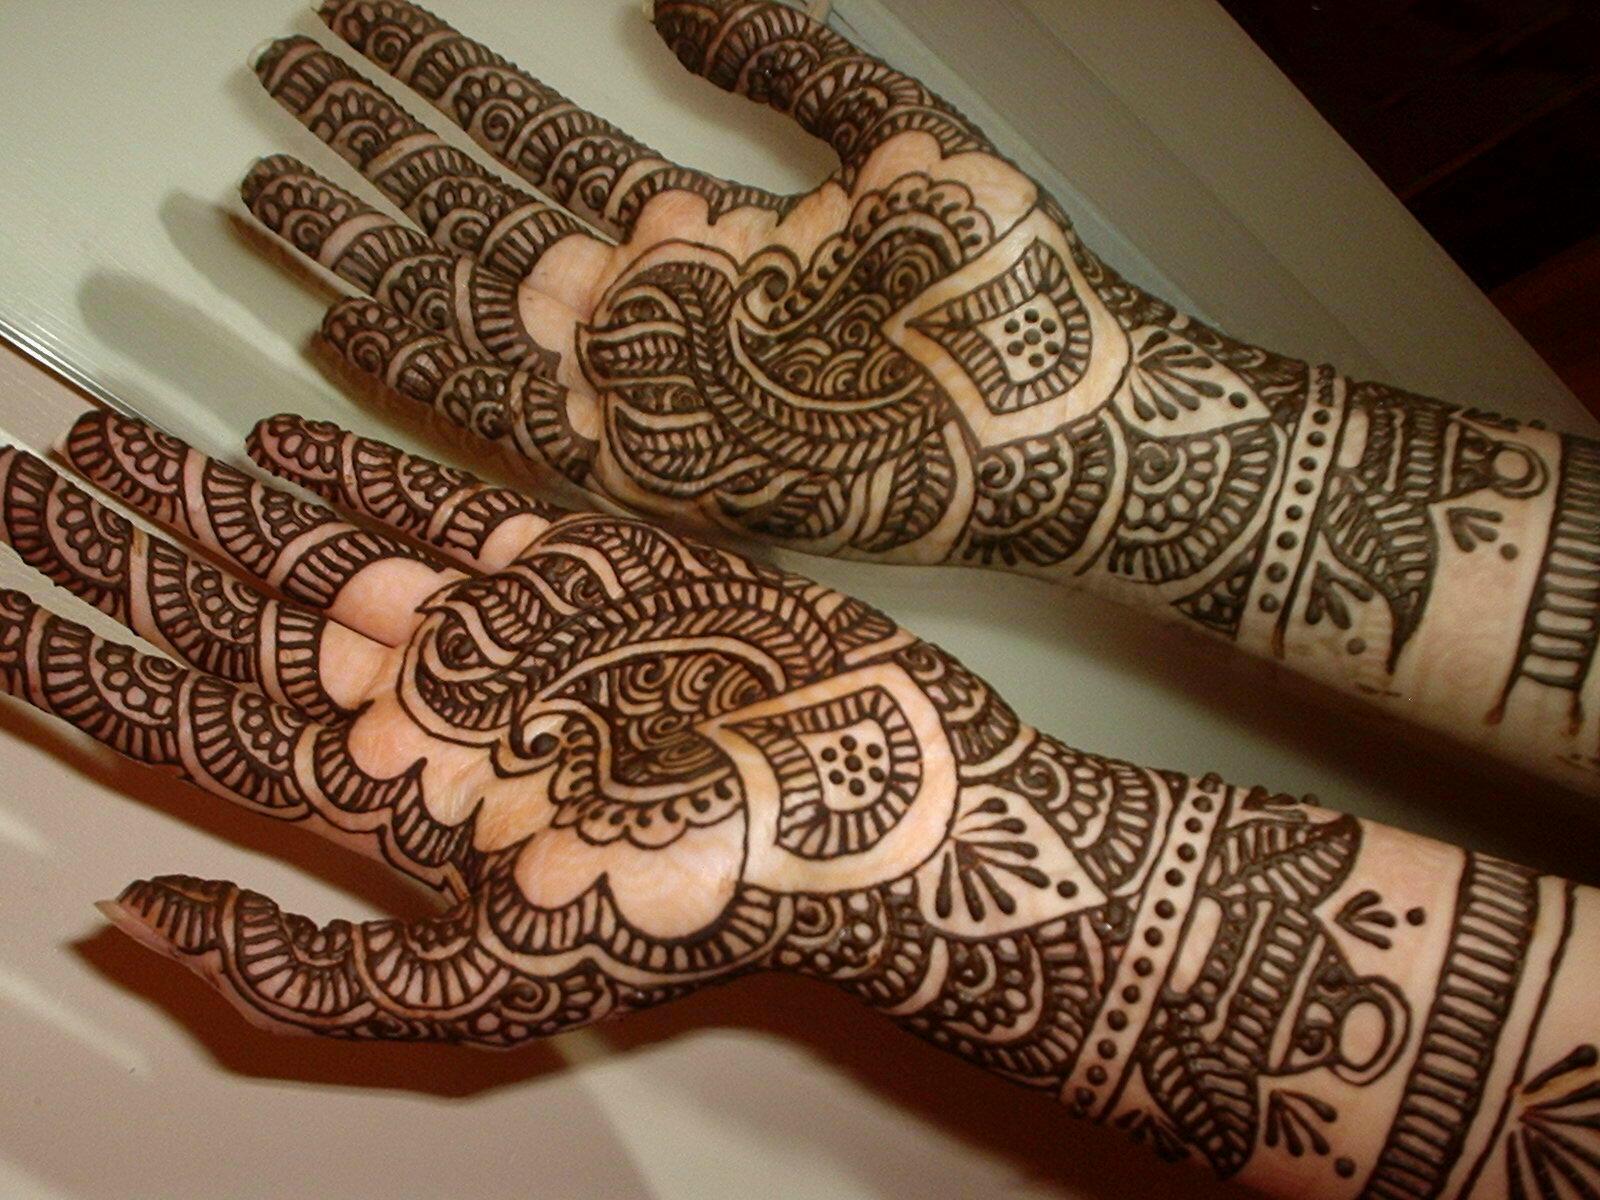 mehndi designs for hands arabic henna mehndi designs for brides. Black Bedroom Furniture Sets. Home Design Ideas